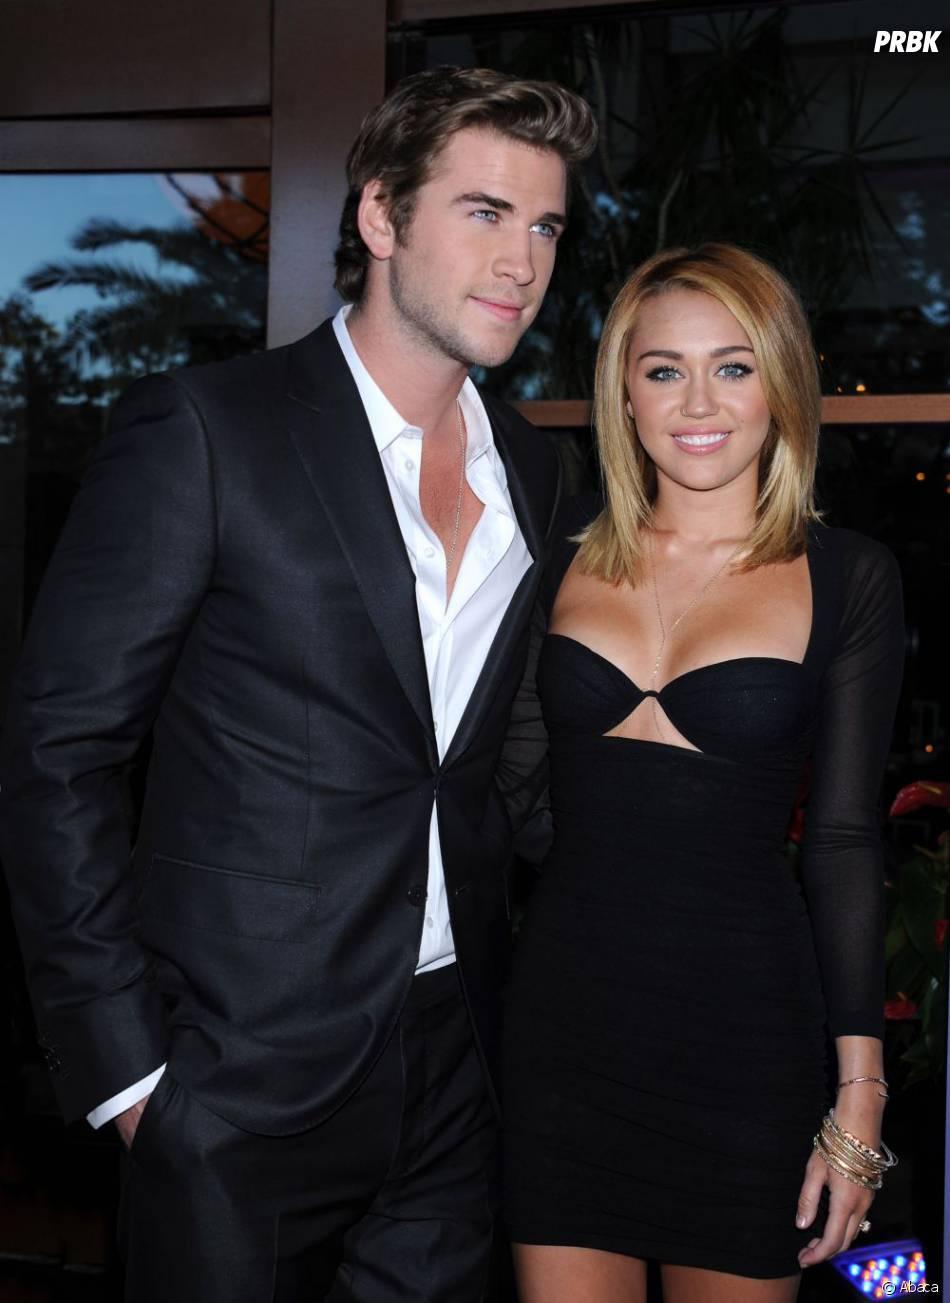 Après Miley Cyrus, Liam Hemsworth bientôt en couple avec Amanda Bynes ?